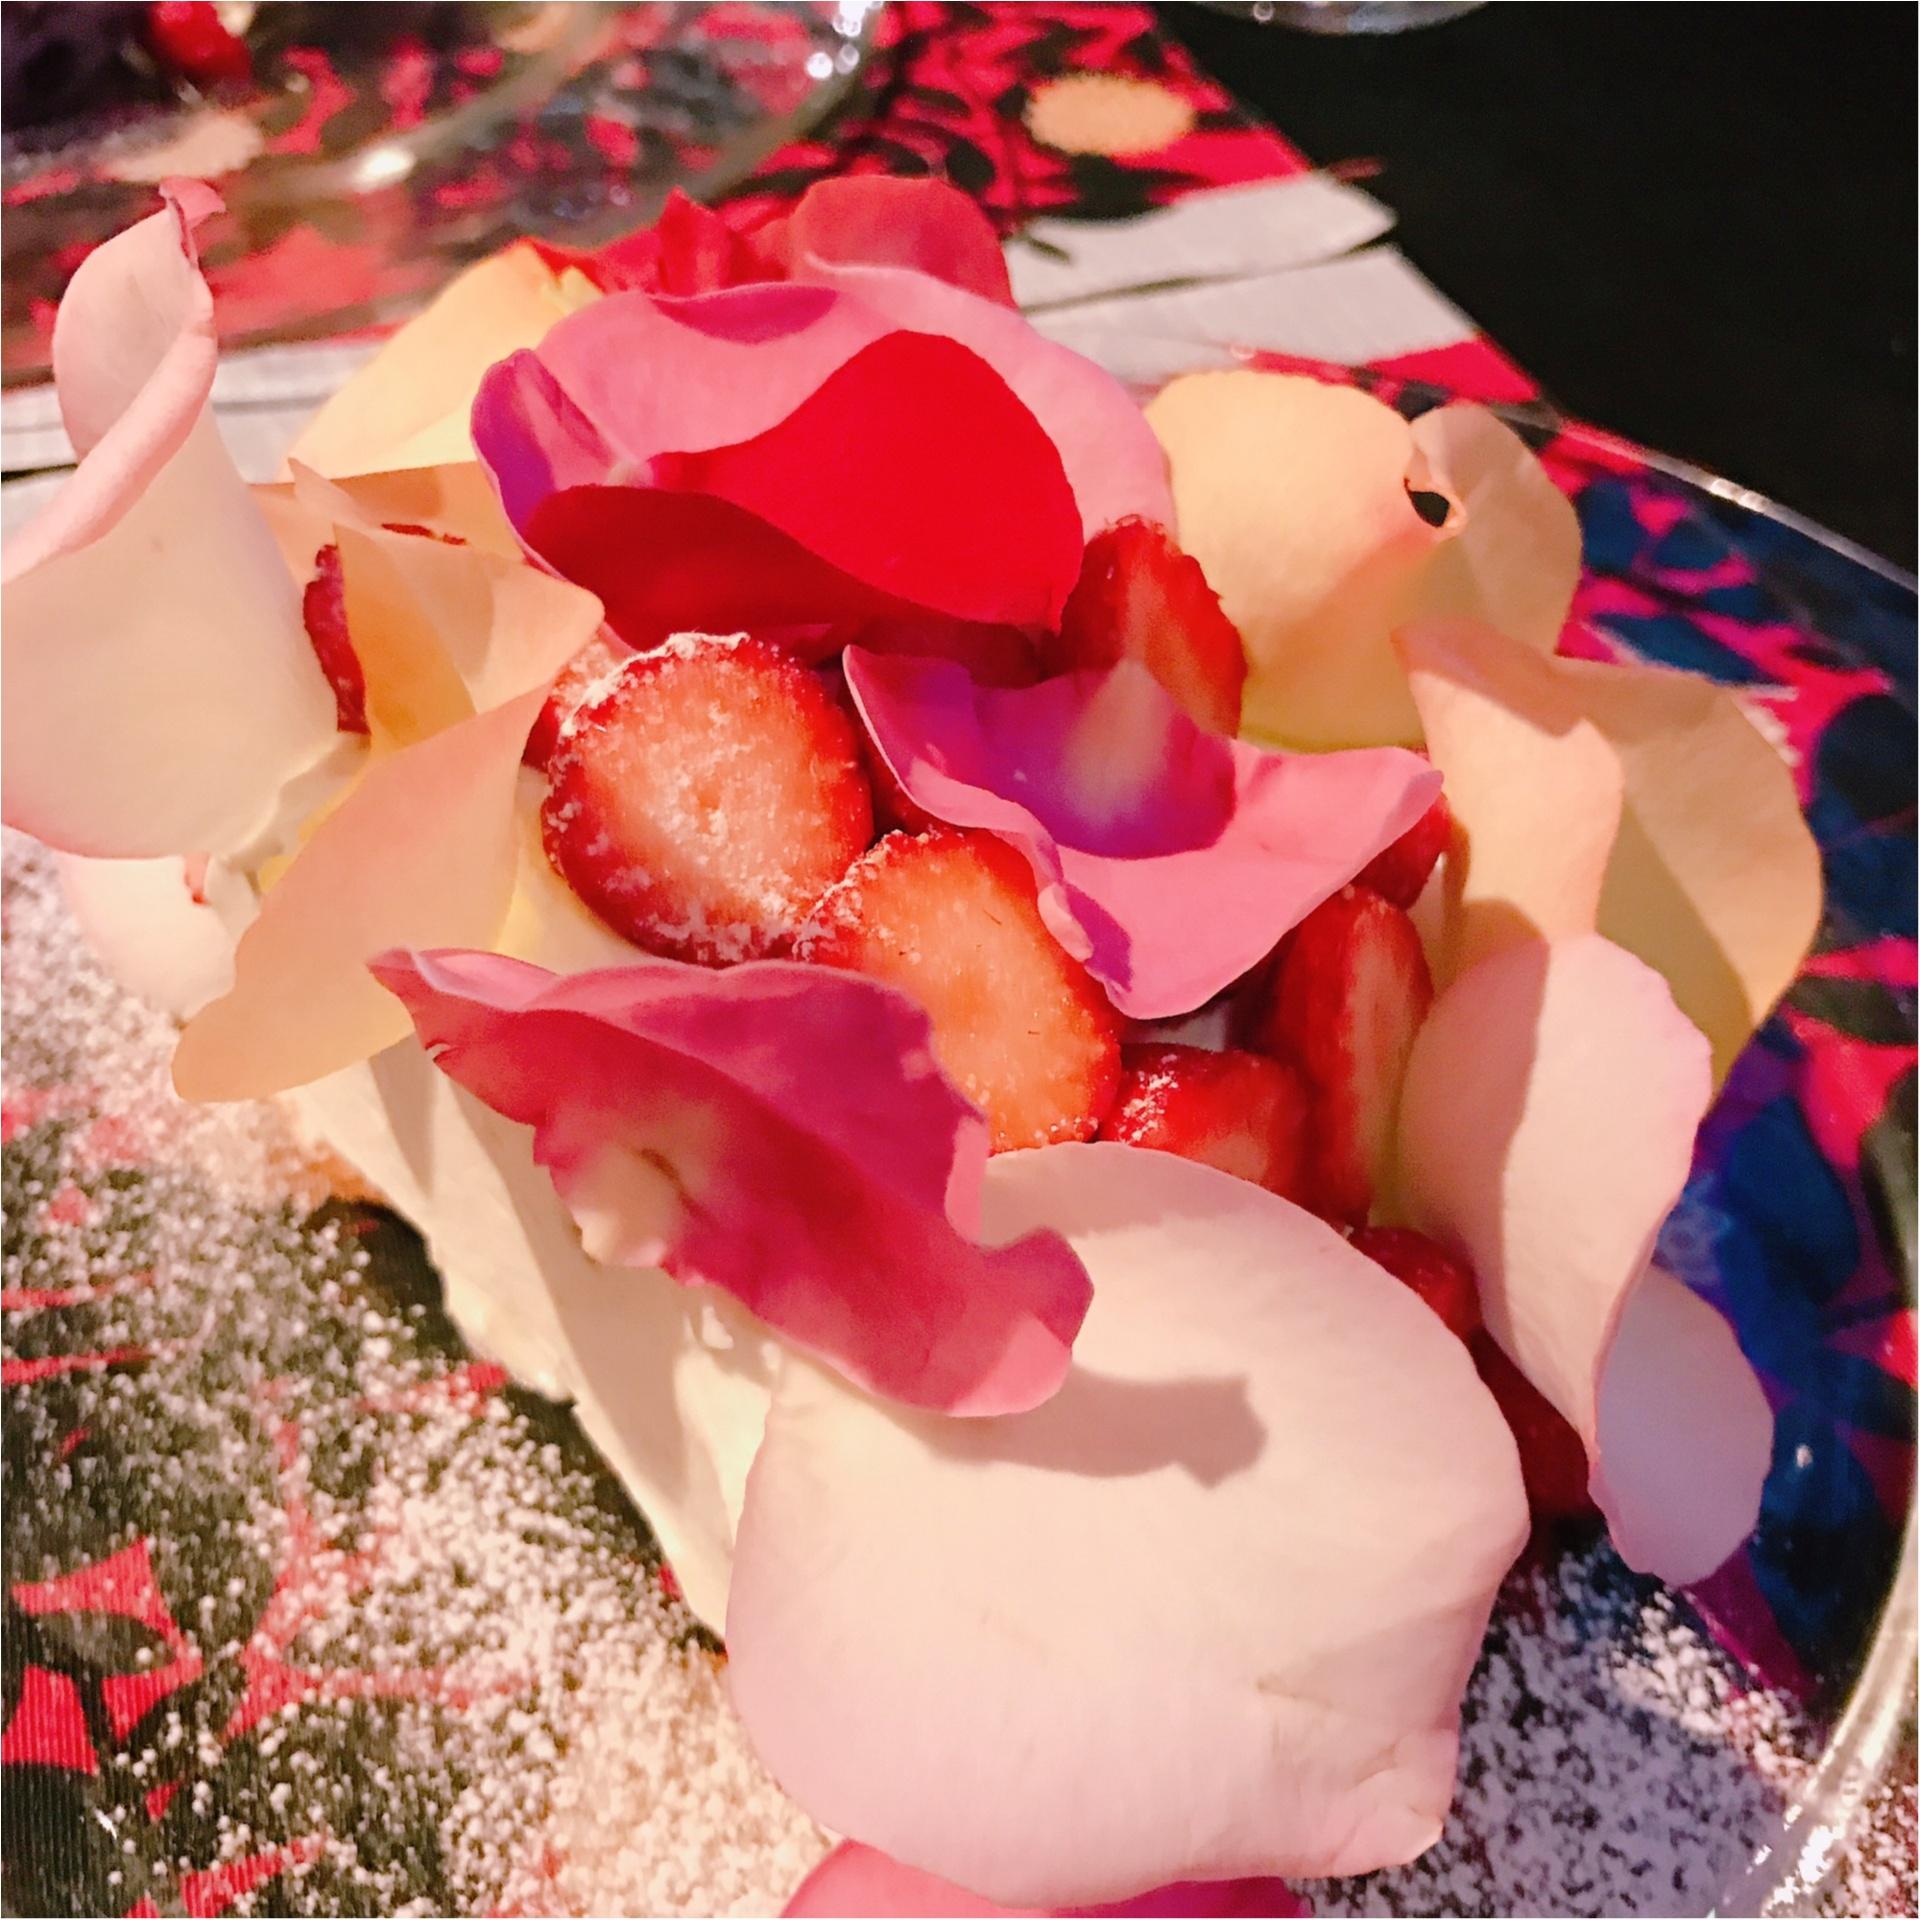 ★PINK・STRAWBERRY・FLOWER♡『可愛い』が全部詰まったスペシャルケーキが食べられるお店って?★_6